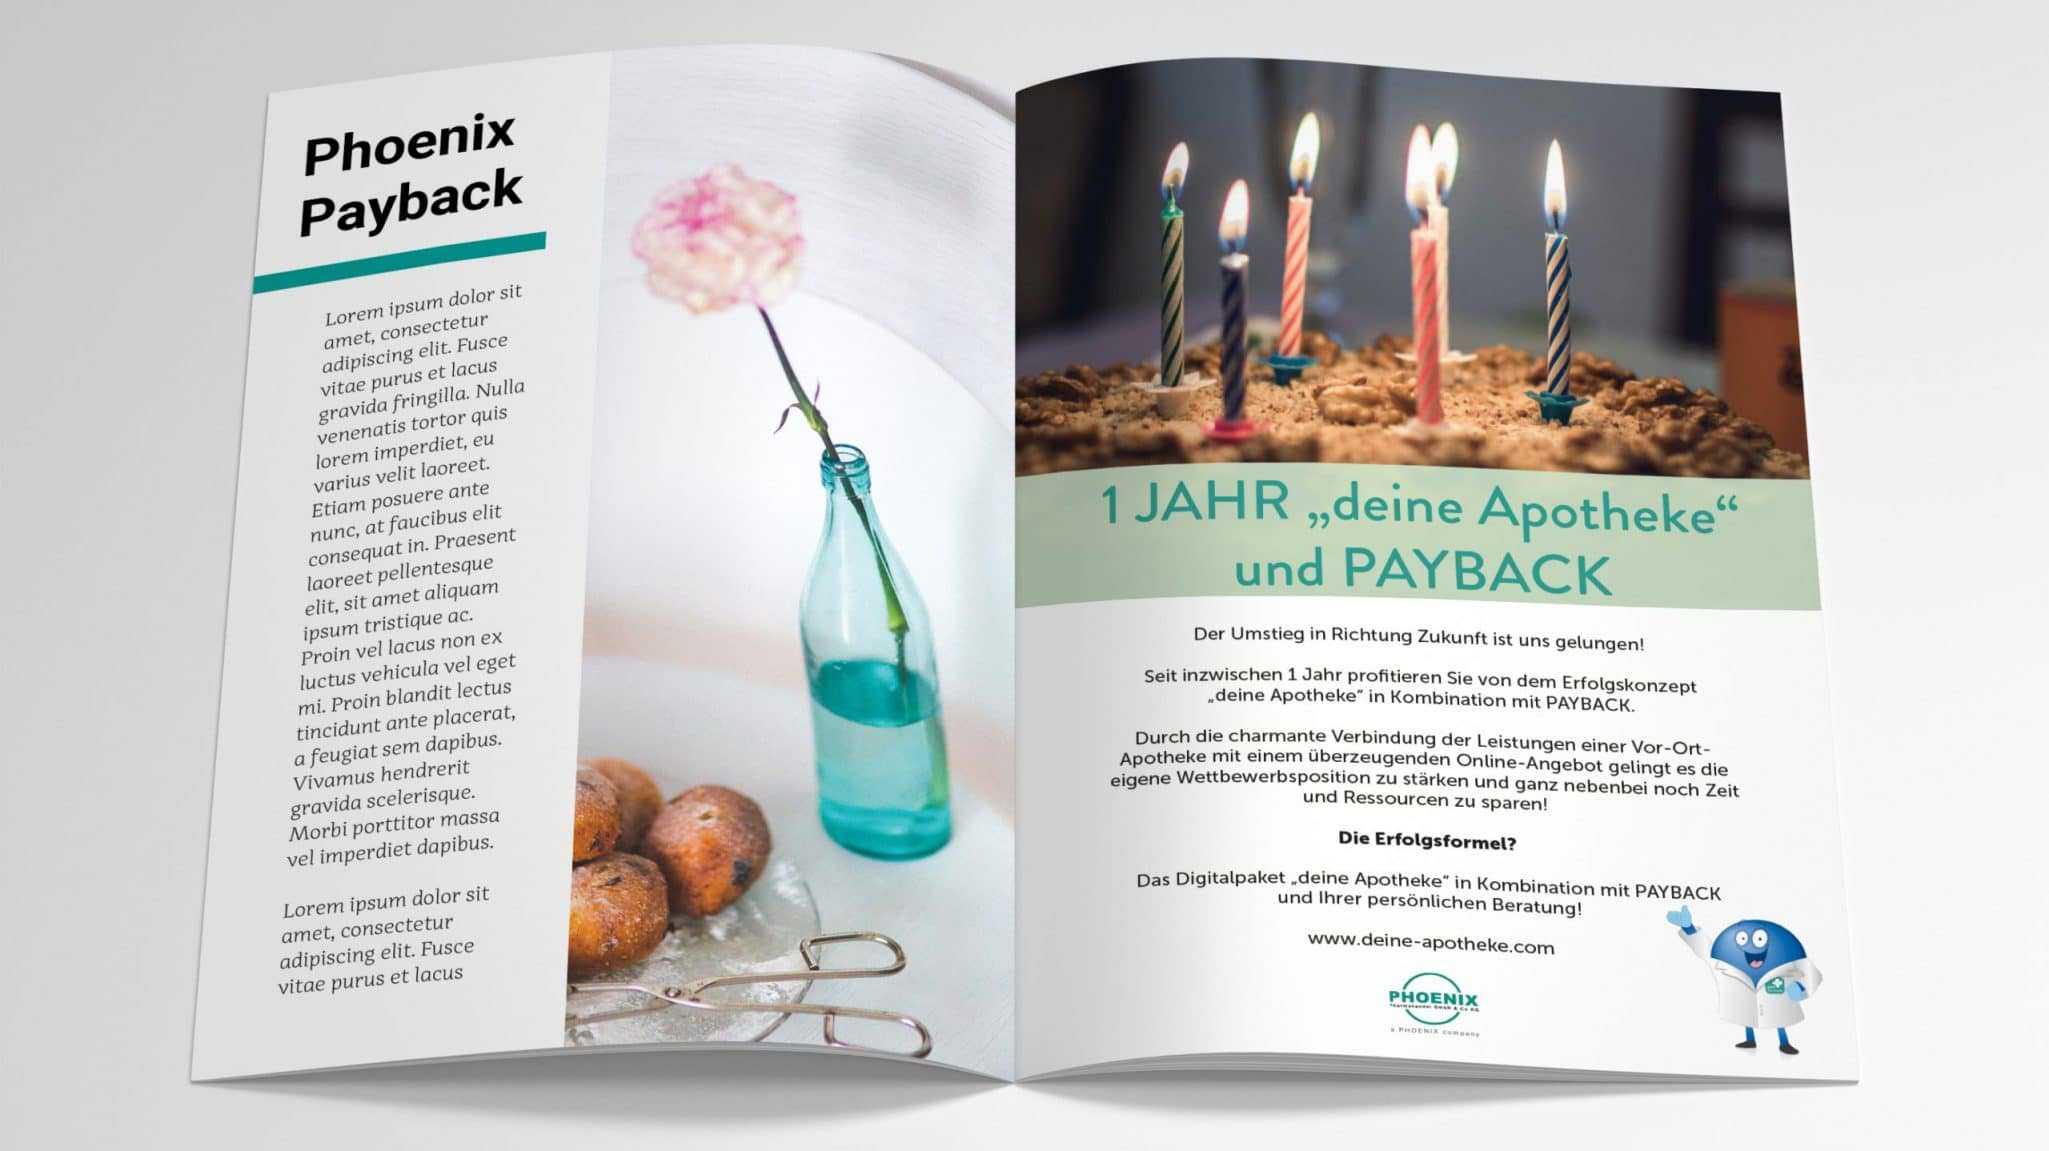 Magazin Werbeanzeige Payback und Phoenix